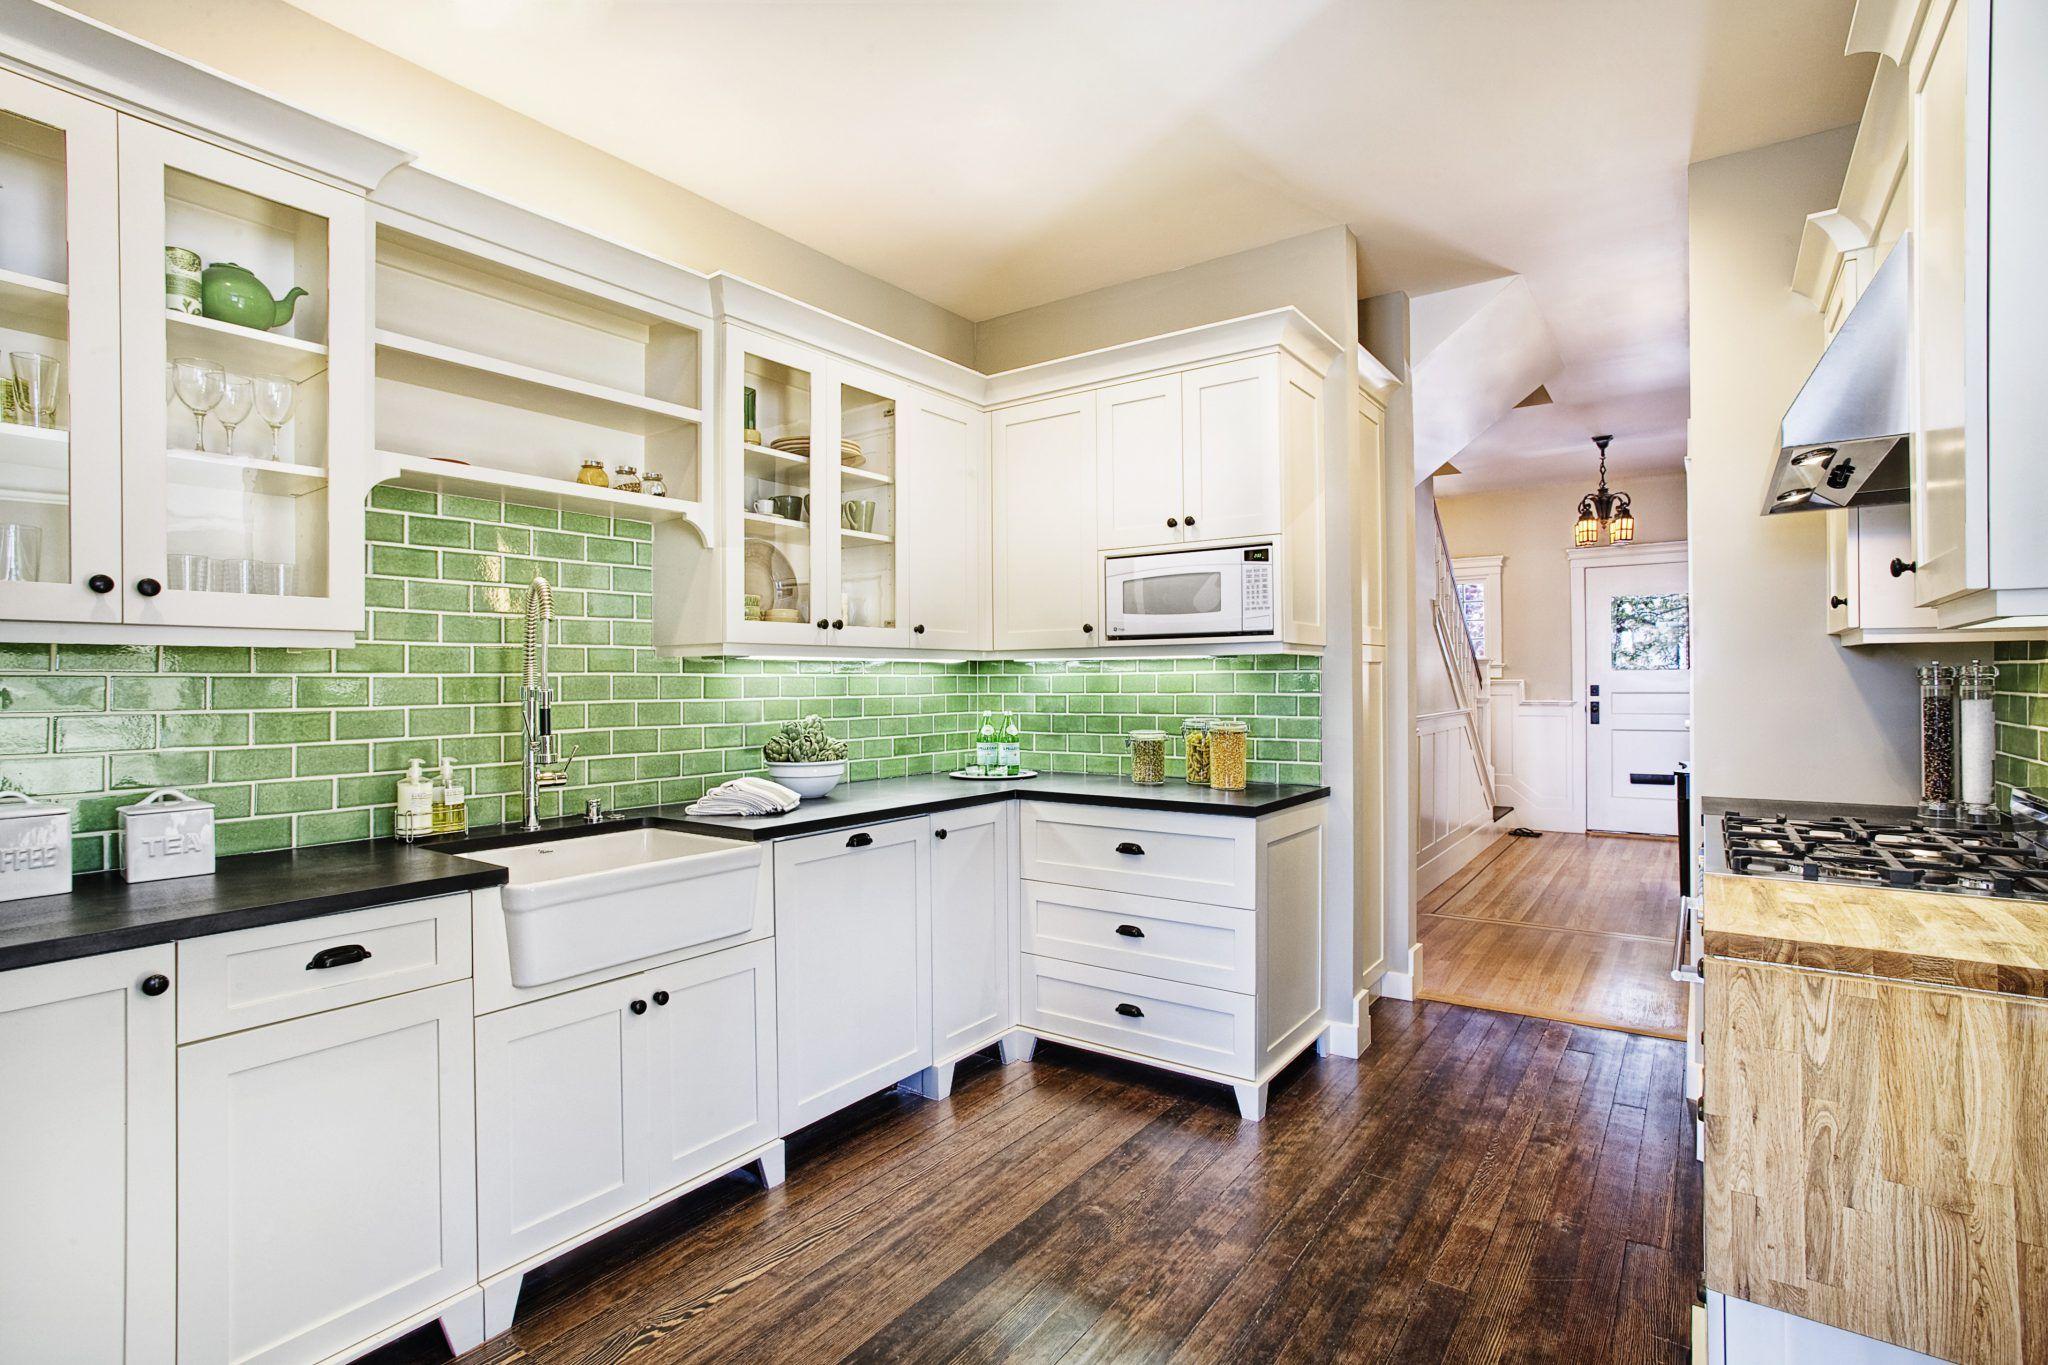 Küchendesign und farbe  beste farben für kleine küche design  küche design